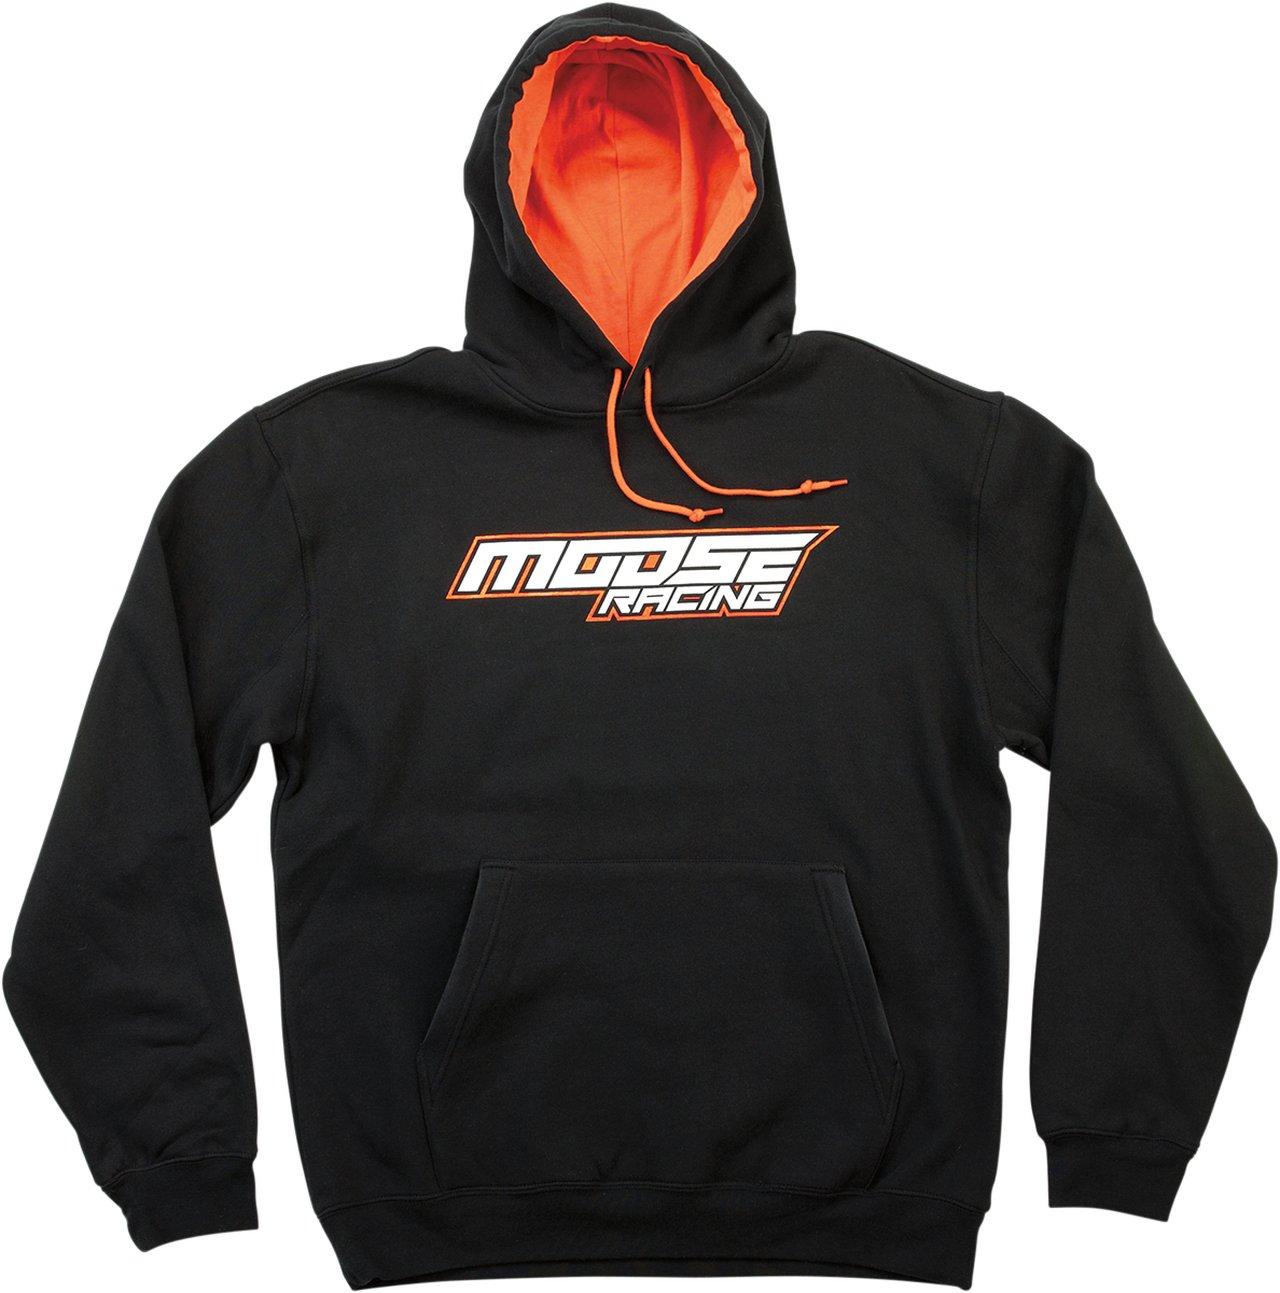 【MOOSE RACING】帽T [3050-3879] - 「Webike-摩托百貨」